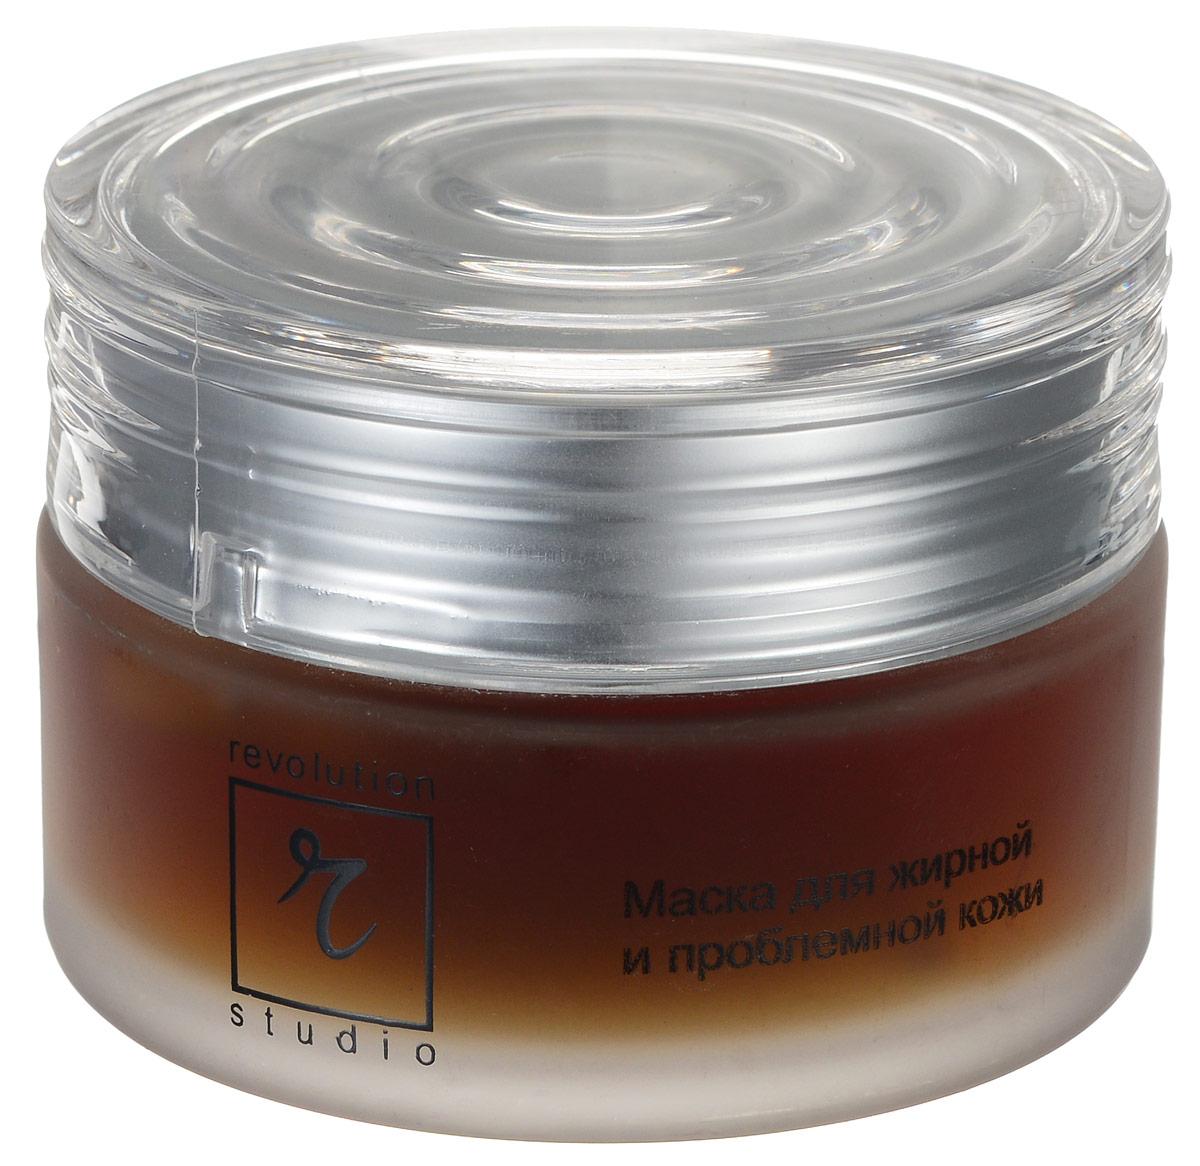 R-Studio Гель-маска для жирной и проблемной кожи лица 50 мл1643 sГель-маска для жирной и проблемной кожи обладает:мощным противовоспалительным эффектом;выраженным увлажняющим действием;эффективным противоотечным действием;выраженным антиаллергическим эффектом;выраженным регенерирующим и гормоностабилизирующим действием;восстанавливает работу сальных желез;устраняет угревые высыпания и препятствует образованию новых.При регулярном применении сглаживает вирусные проявления и пигментные пятна на коже, а также предотвращает появление мелких морщин, делает кожу упругой и эластичной.